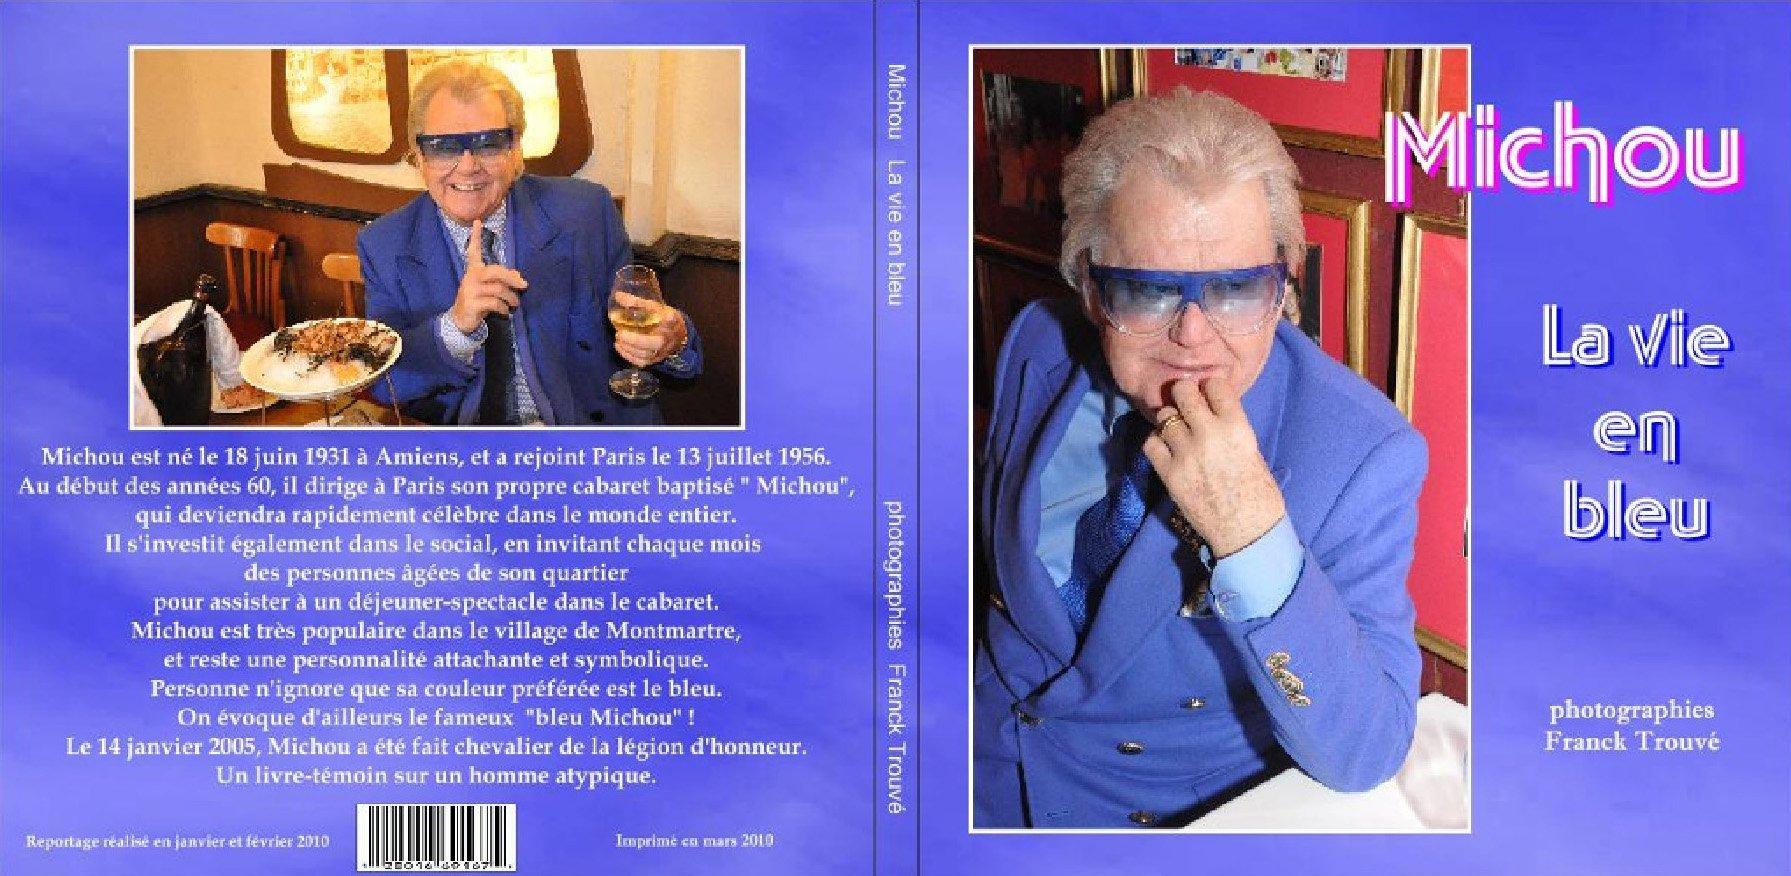 livre michou la vie en bleu du photographe franck trouvé